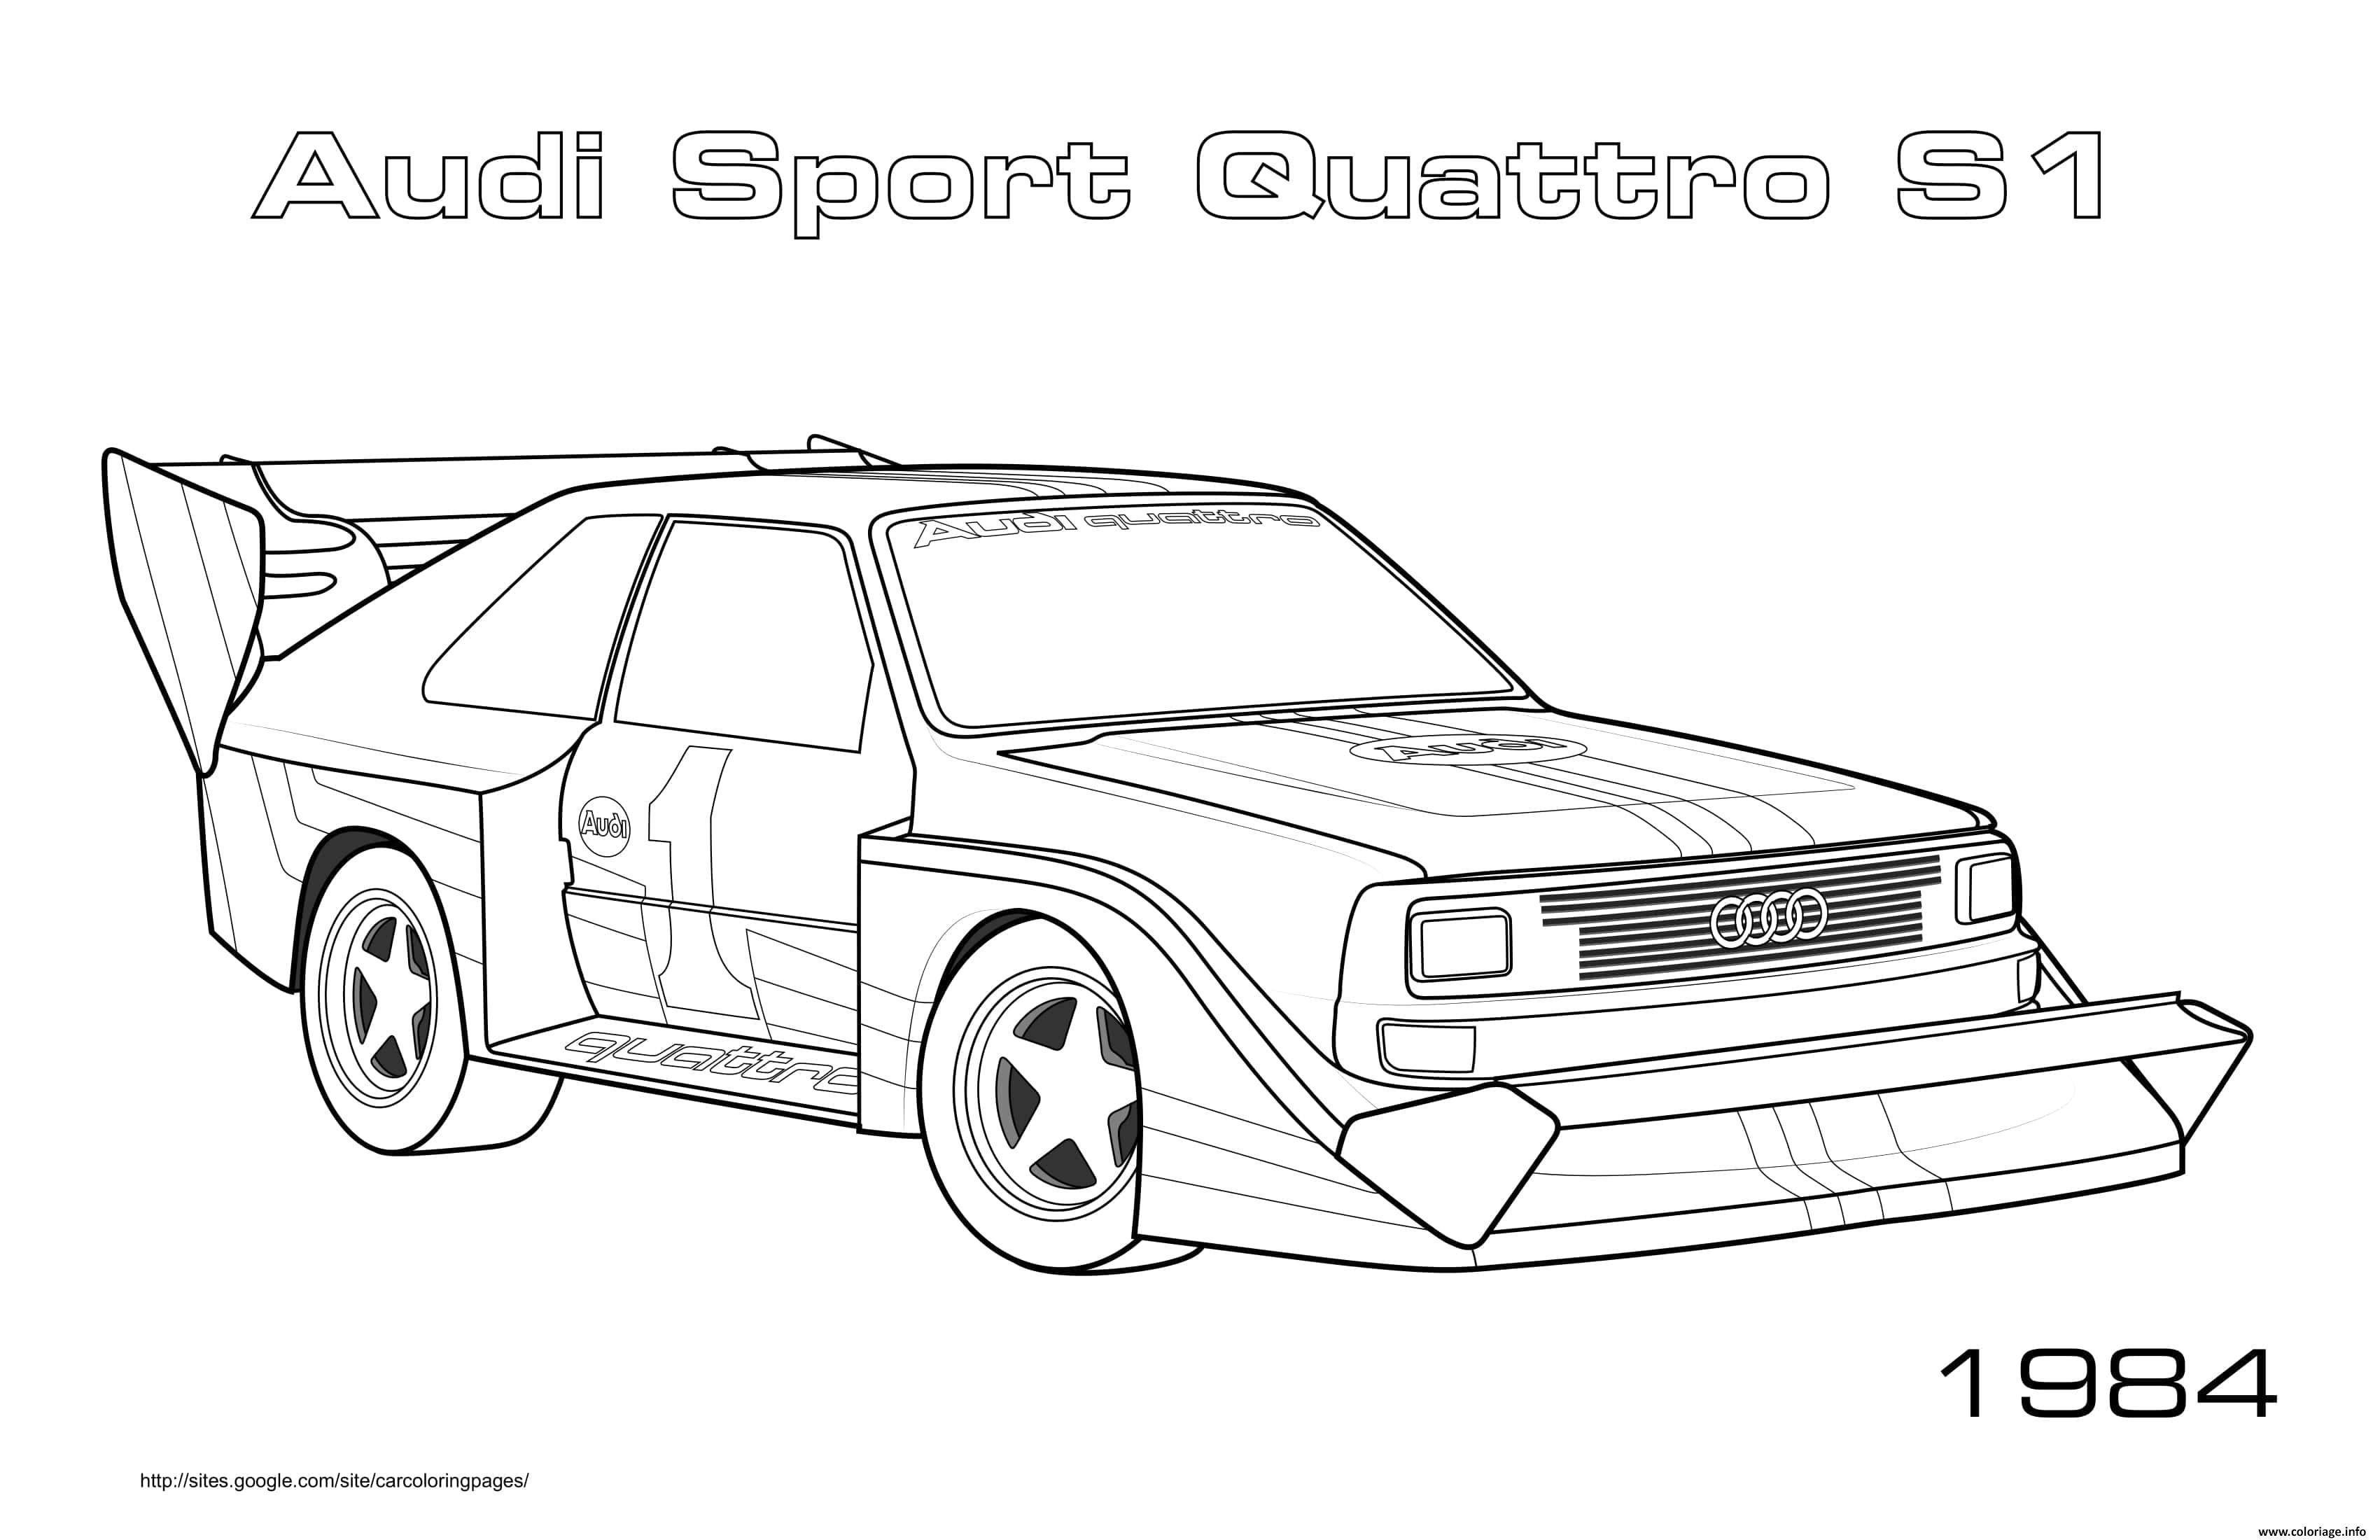 Dessin Audi Sport Quattro S1 1984 Coloriage Gratuit à Imprimer